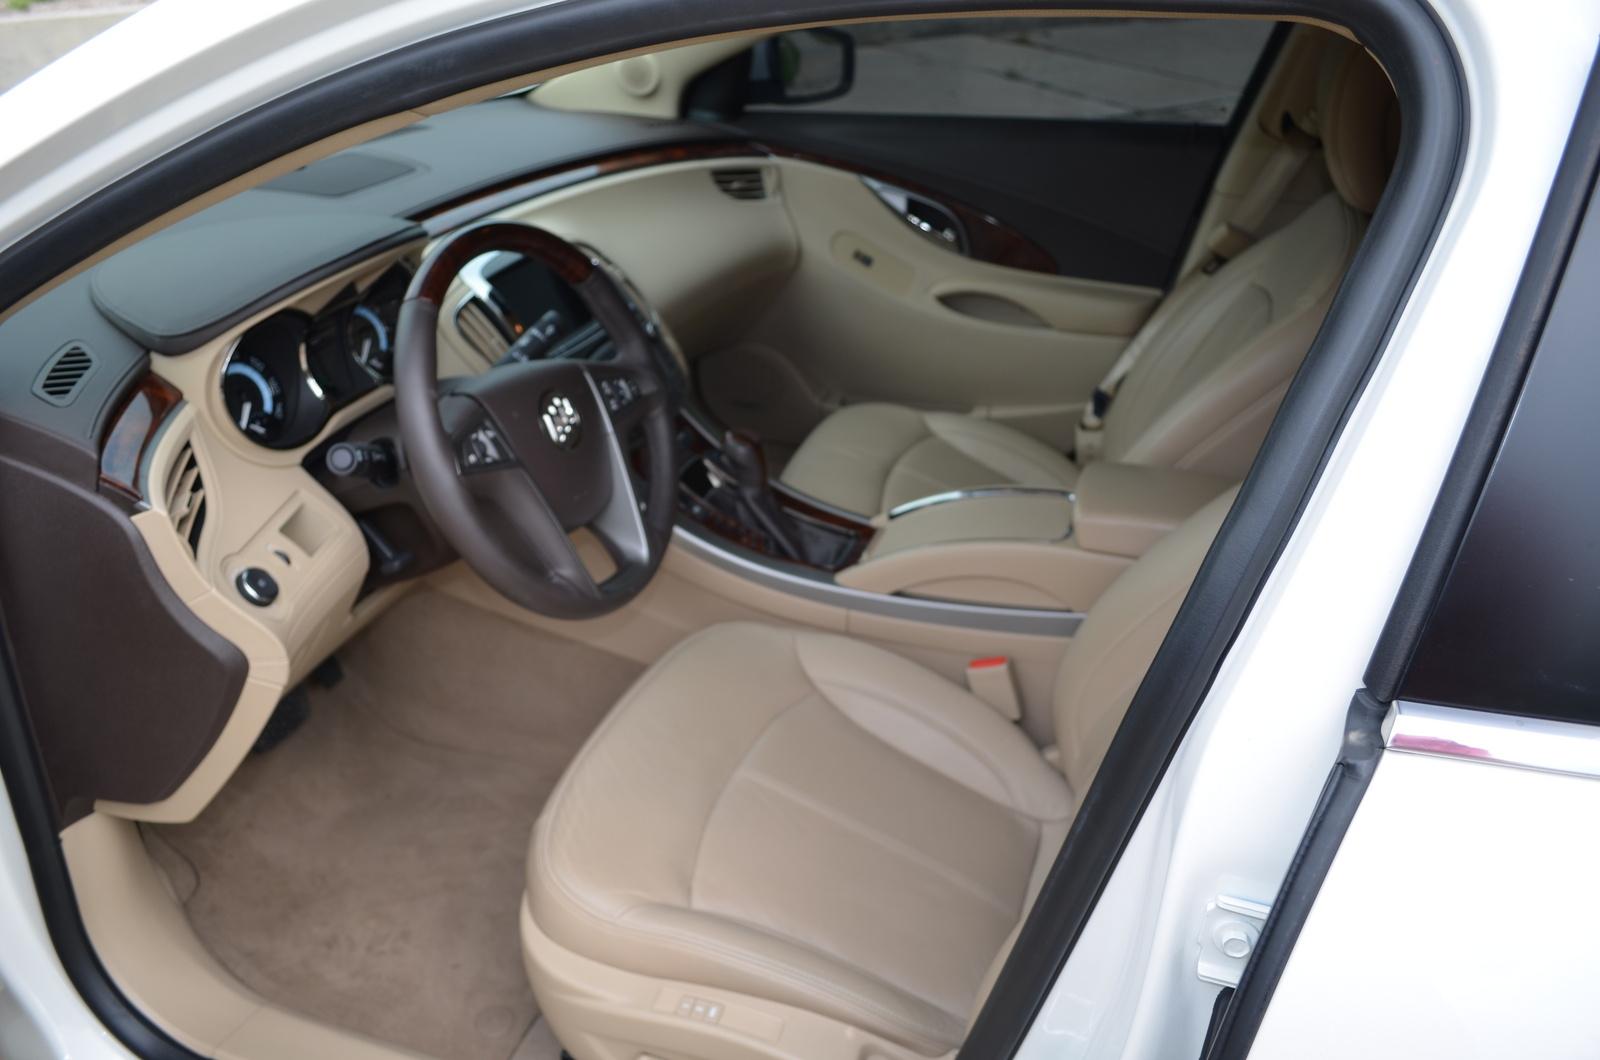 2011 Buick Lacrosse Interior Pictures Cargurus